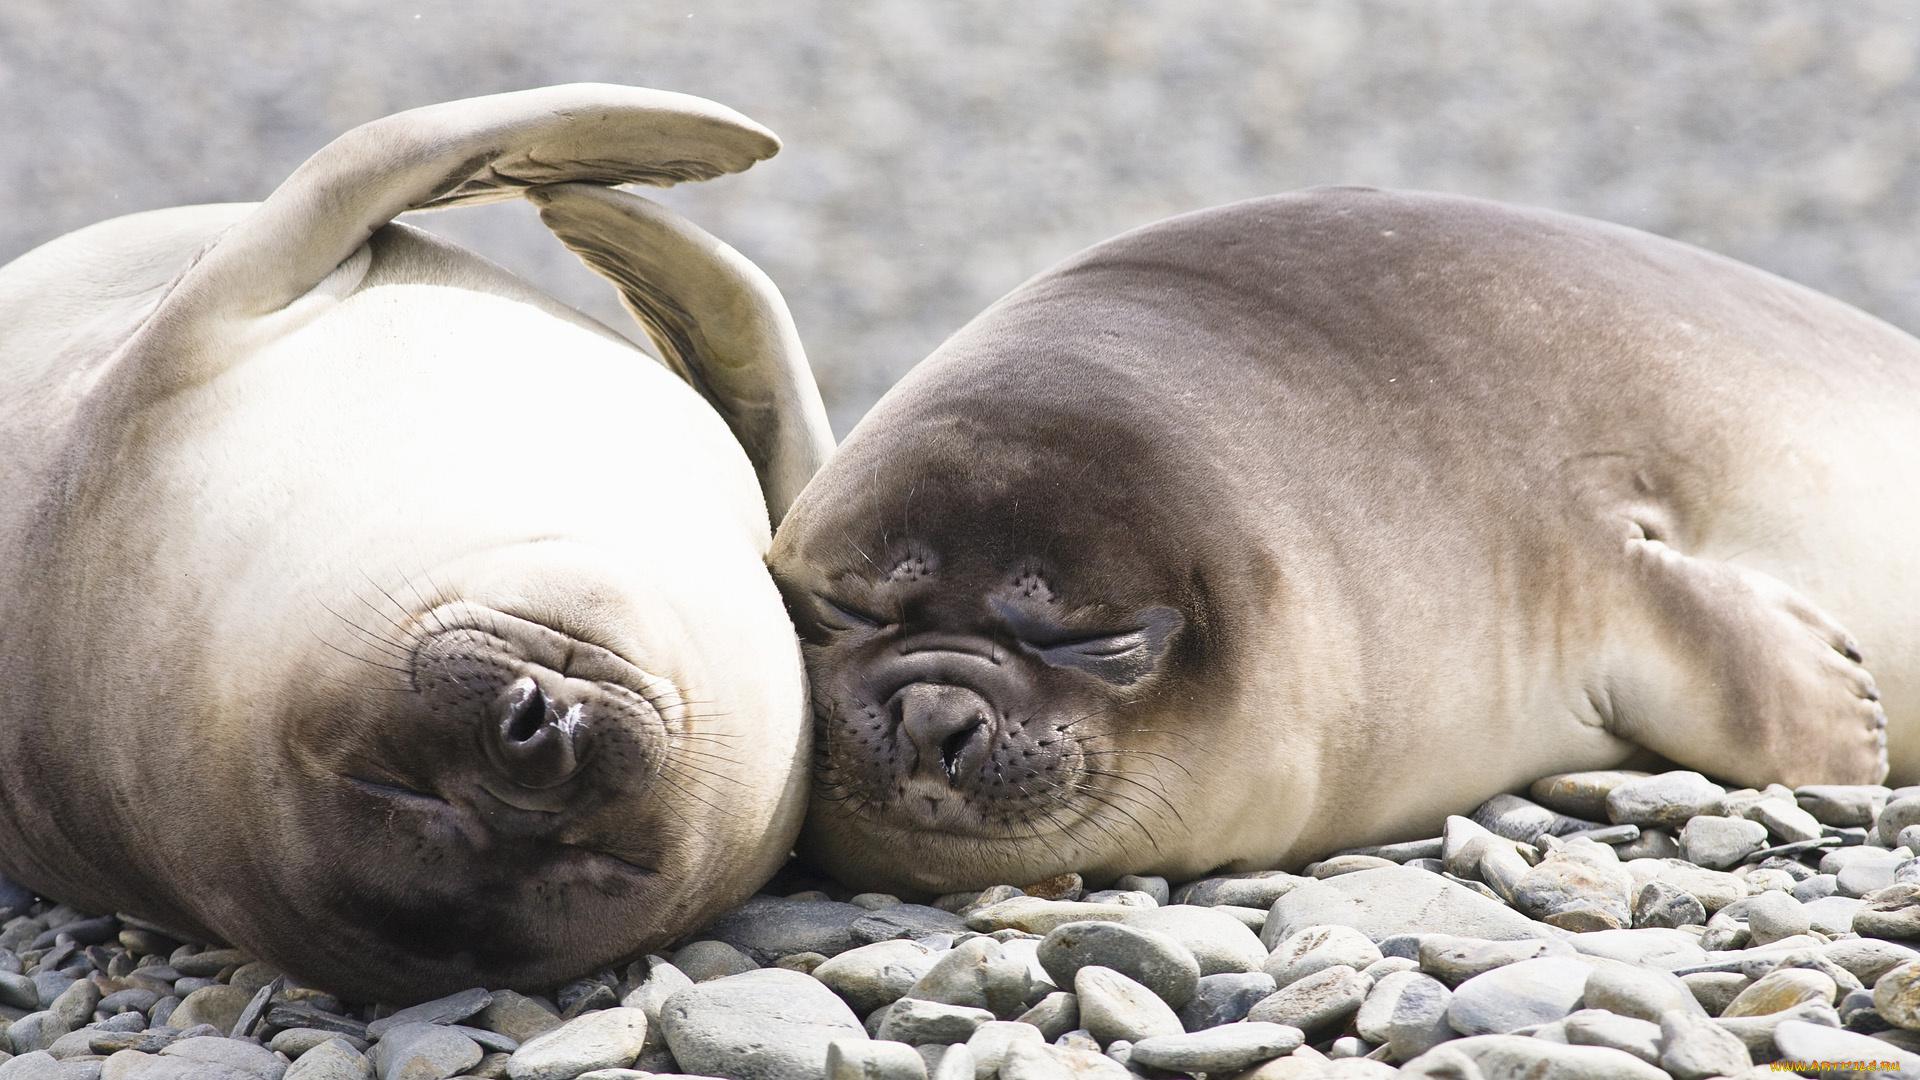 Картинки морских животных смешные, картинки